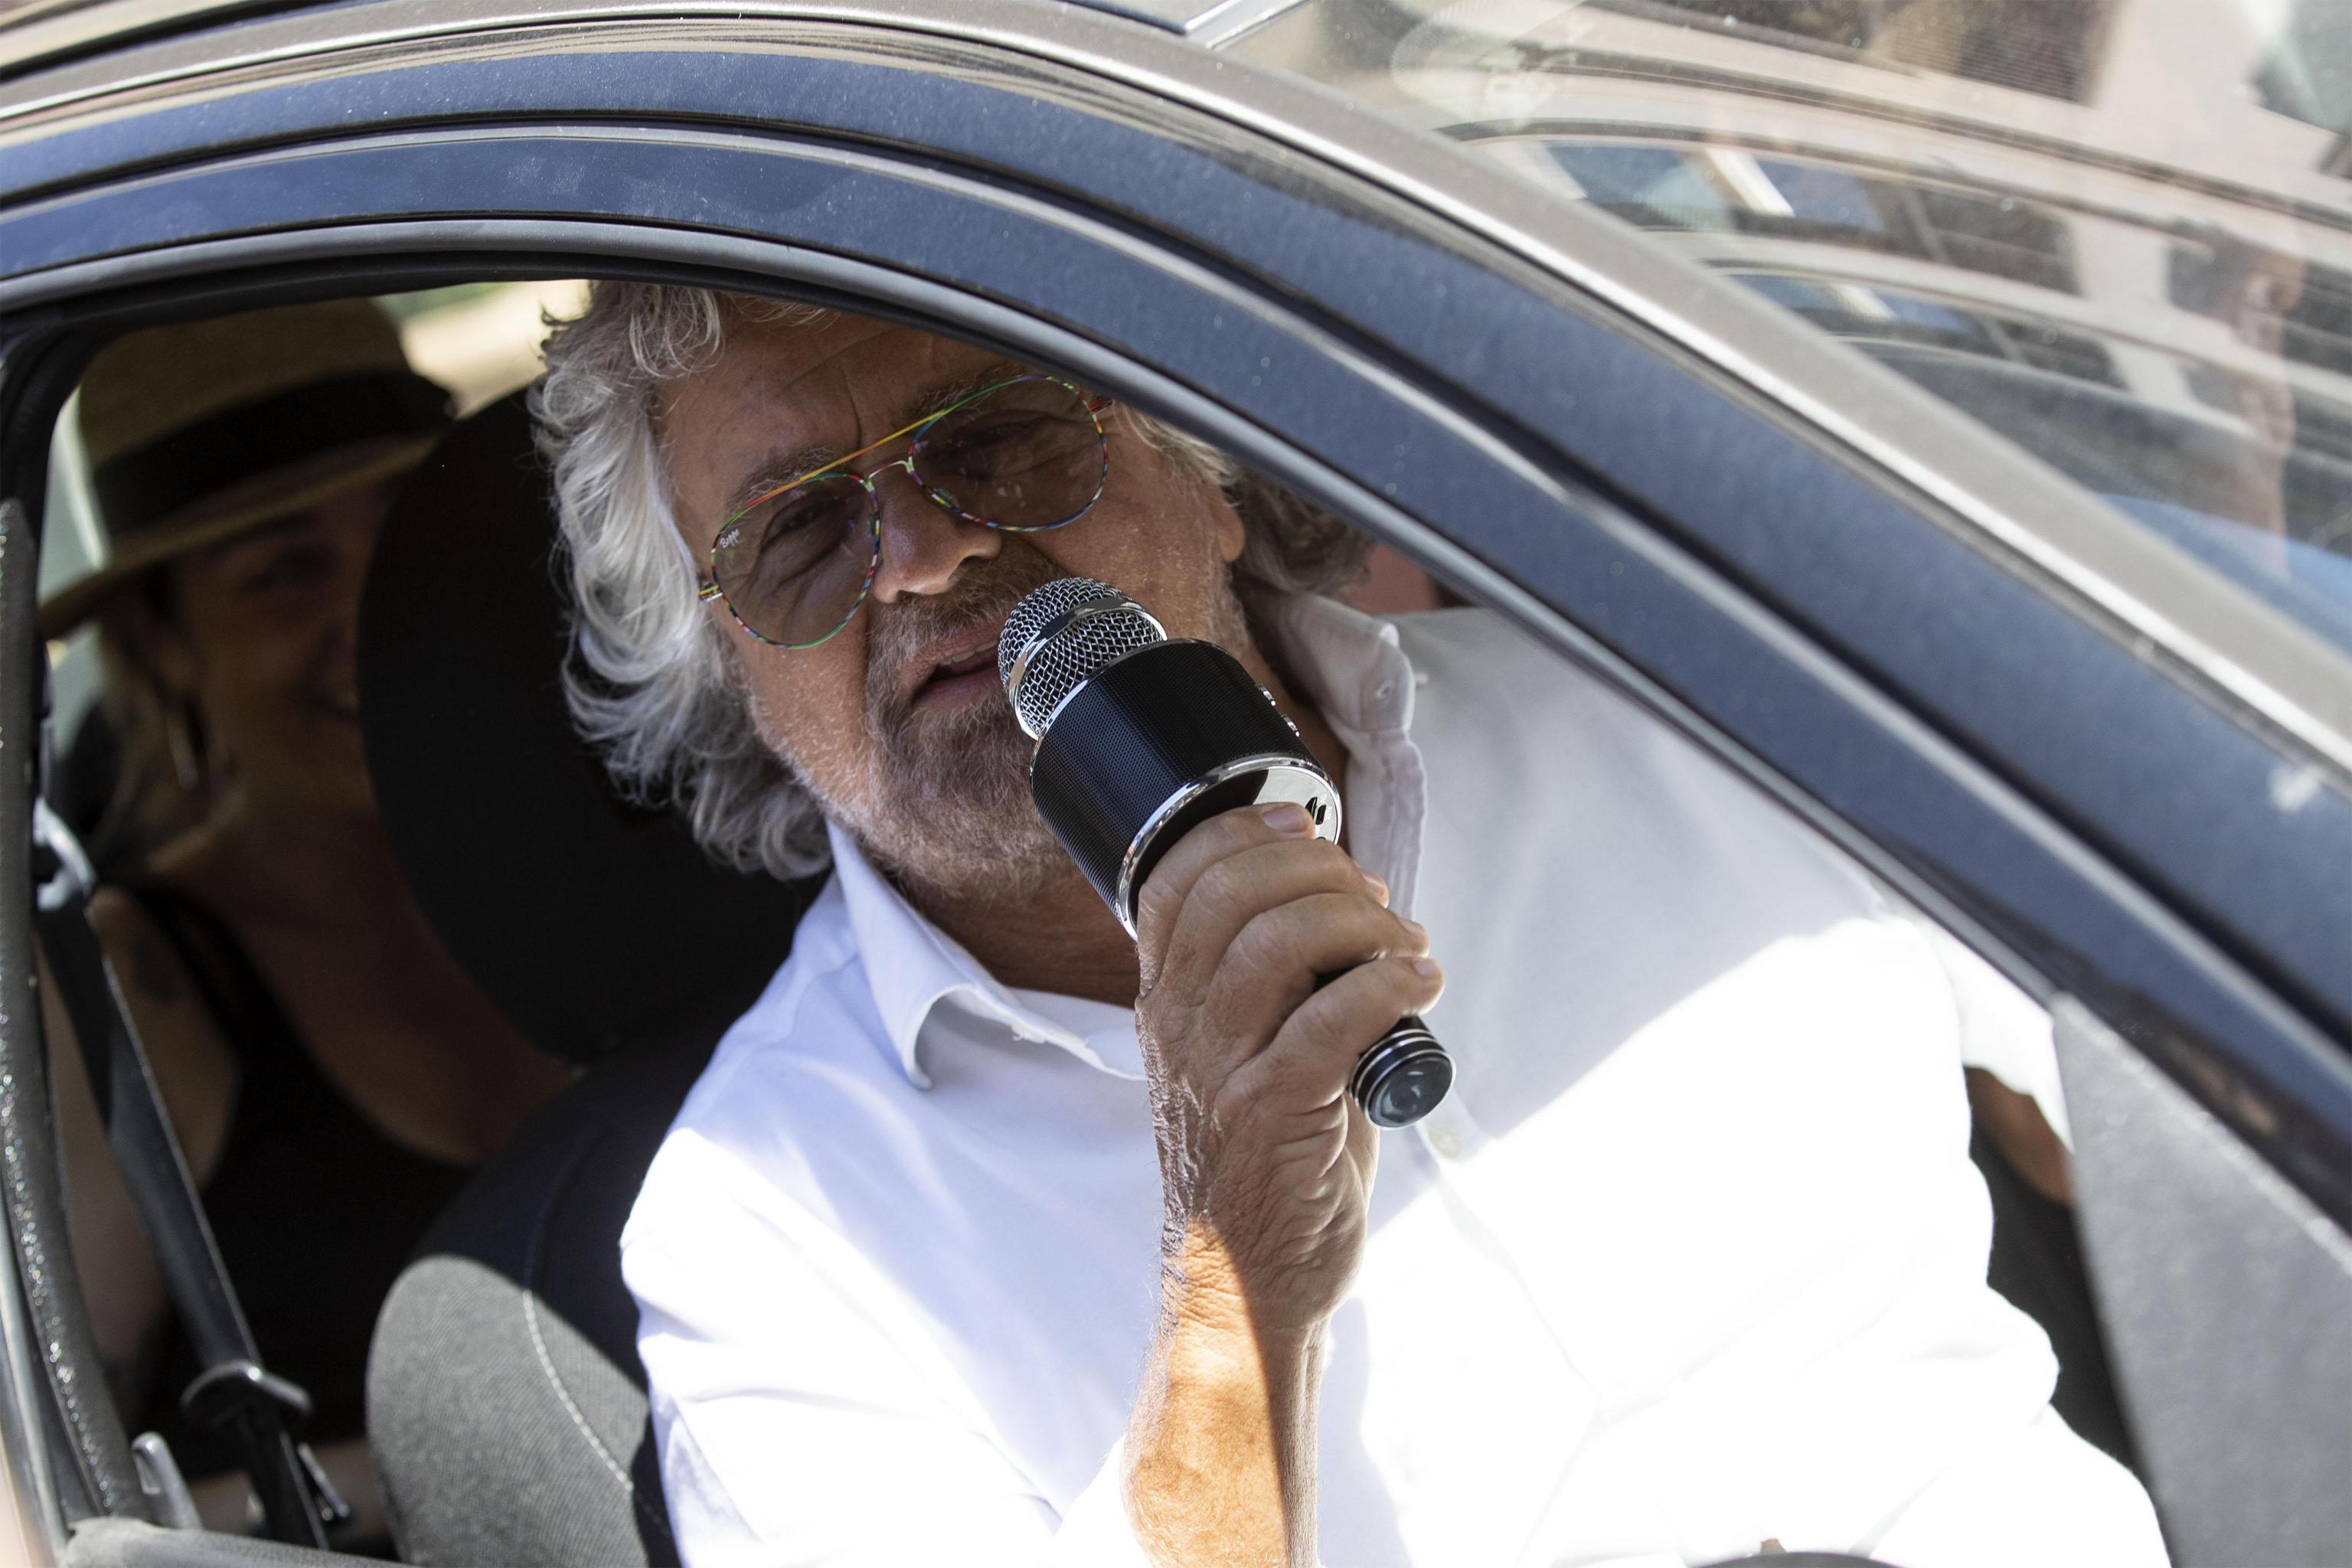 Grillo si improvvisa 'moralizzatore del traffico' e mentre l'auto salta nega l'esistenza delle buche